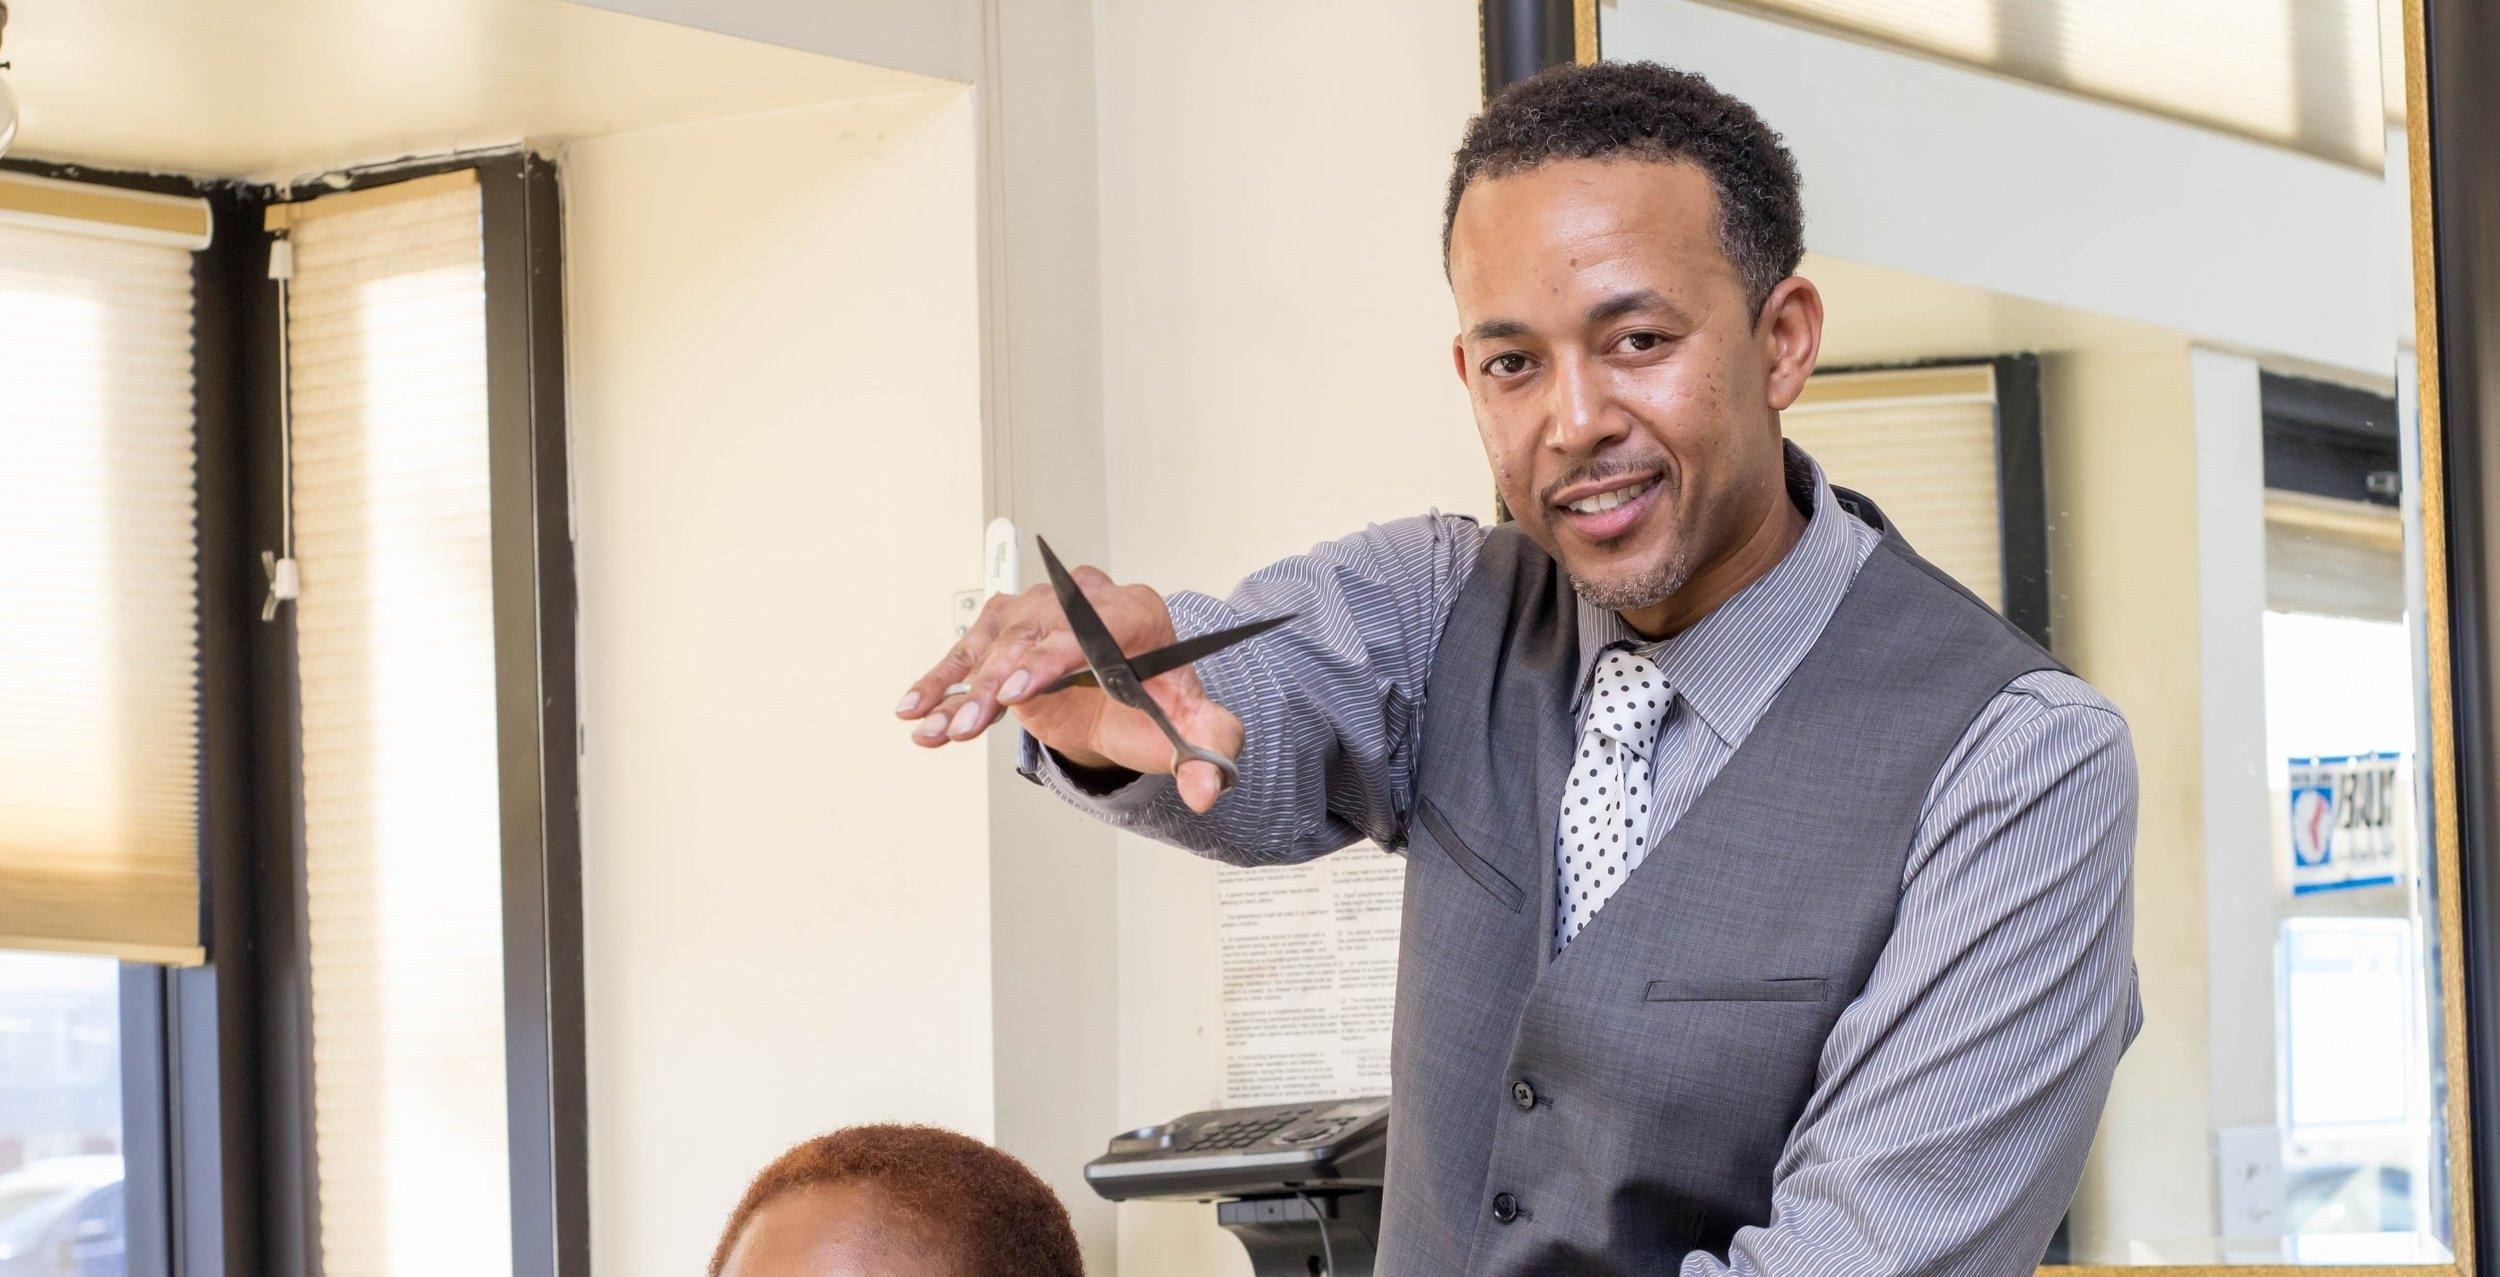 C.E.O of Nile Style Barbershop, Shanile Shakoor